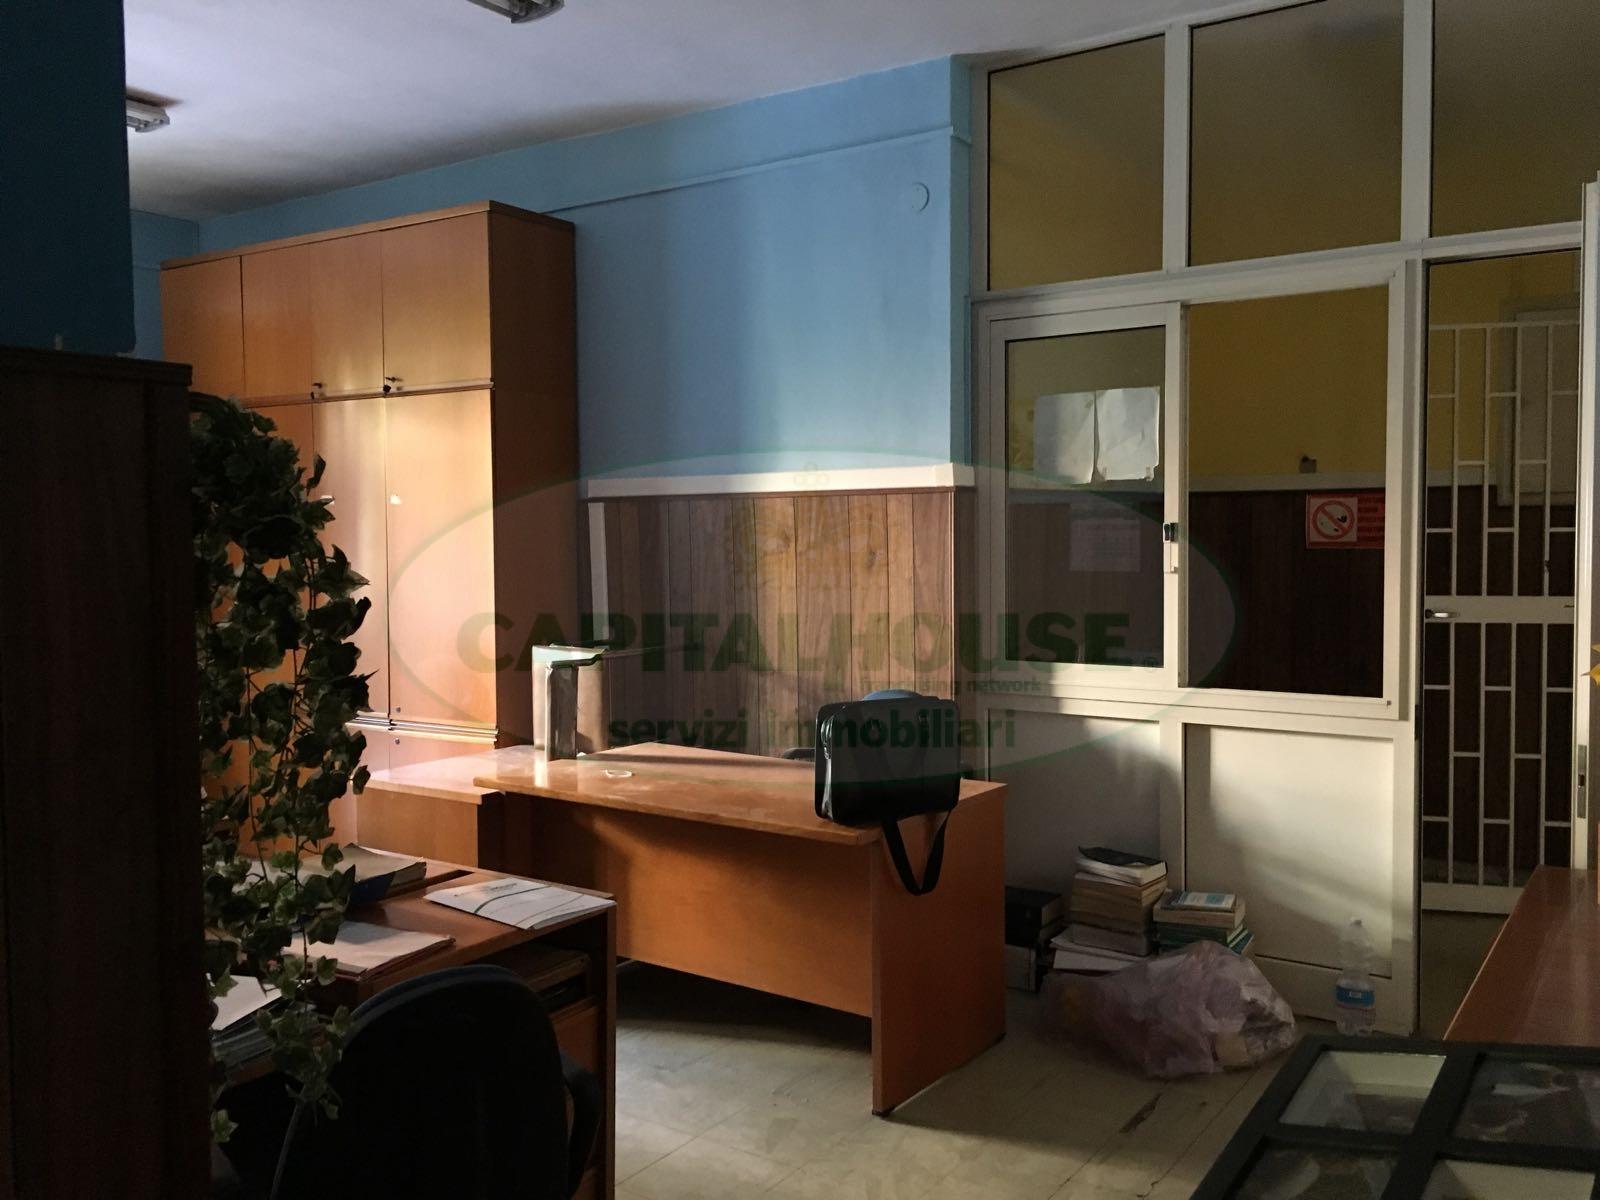 Appartamento in affitto a Afragola, 3 locali, zona Località: CorsoVittorioEmanuele, prezzo € 400 | CambioCasa.it